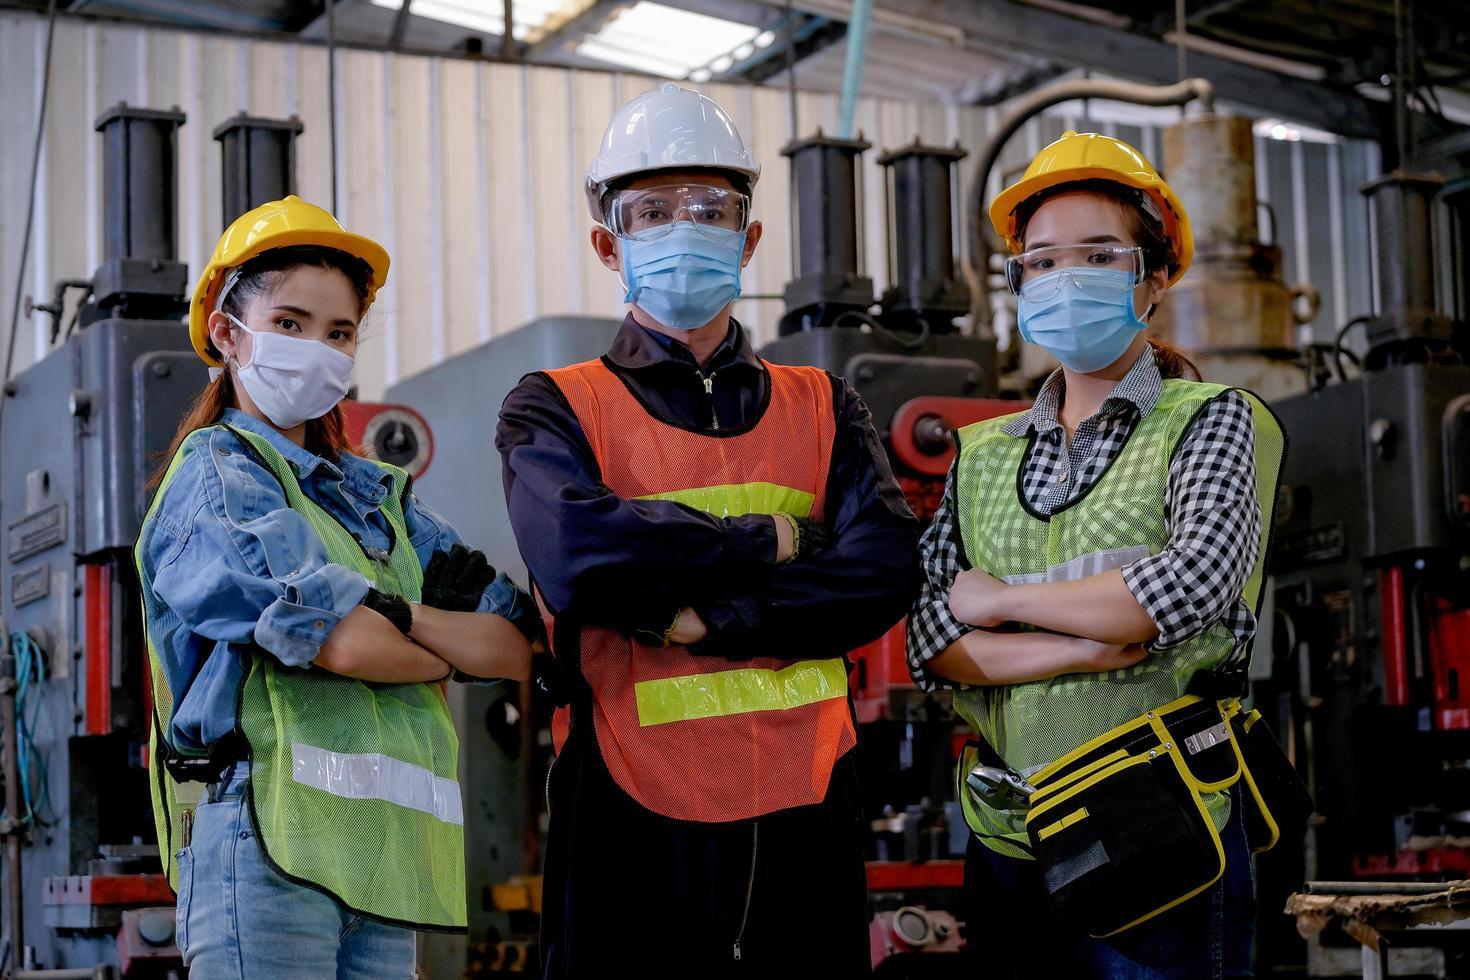 groupe de techniciens debout ensemble au travail photo